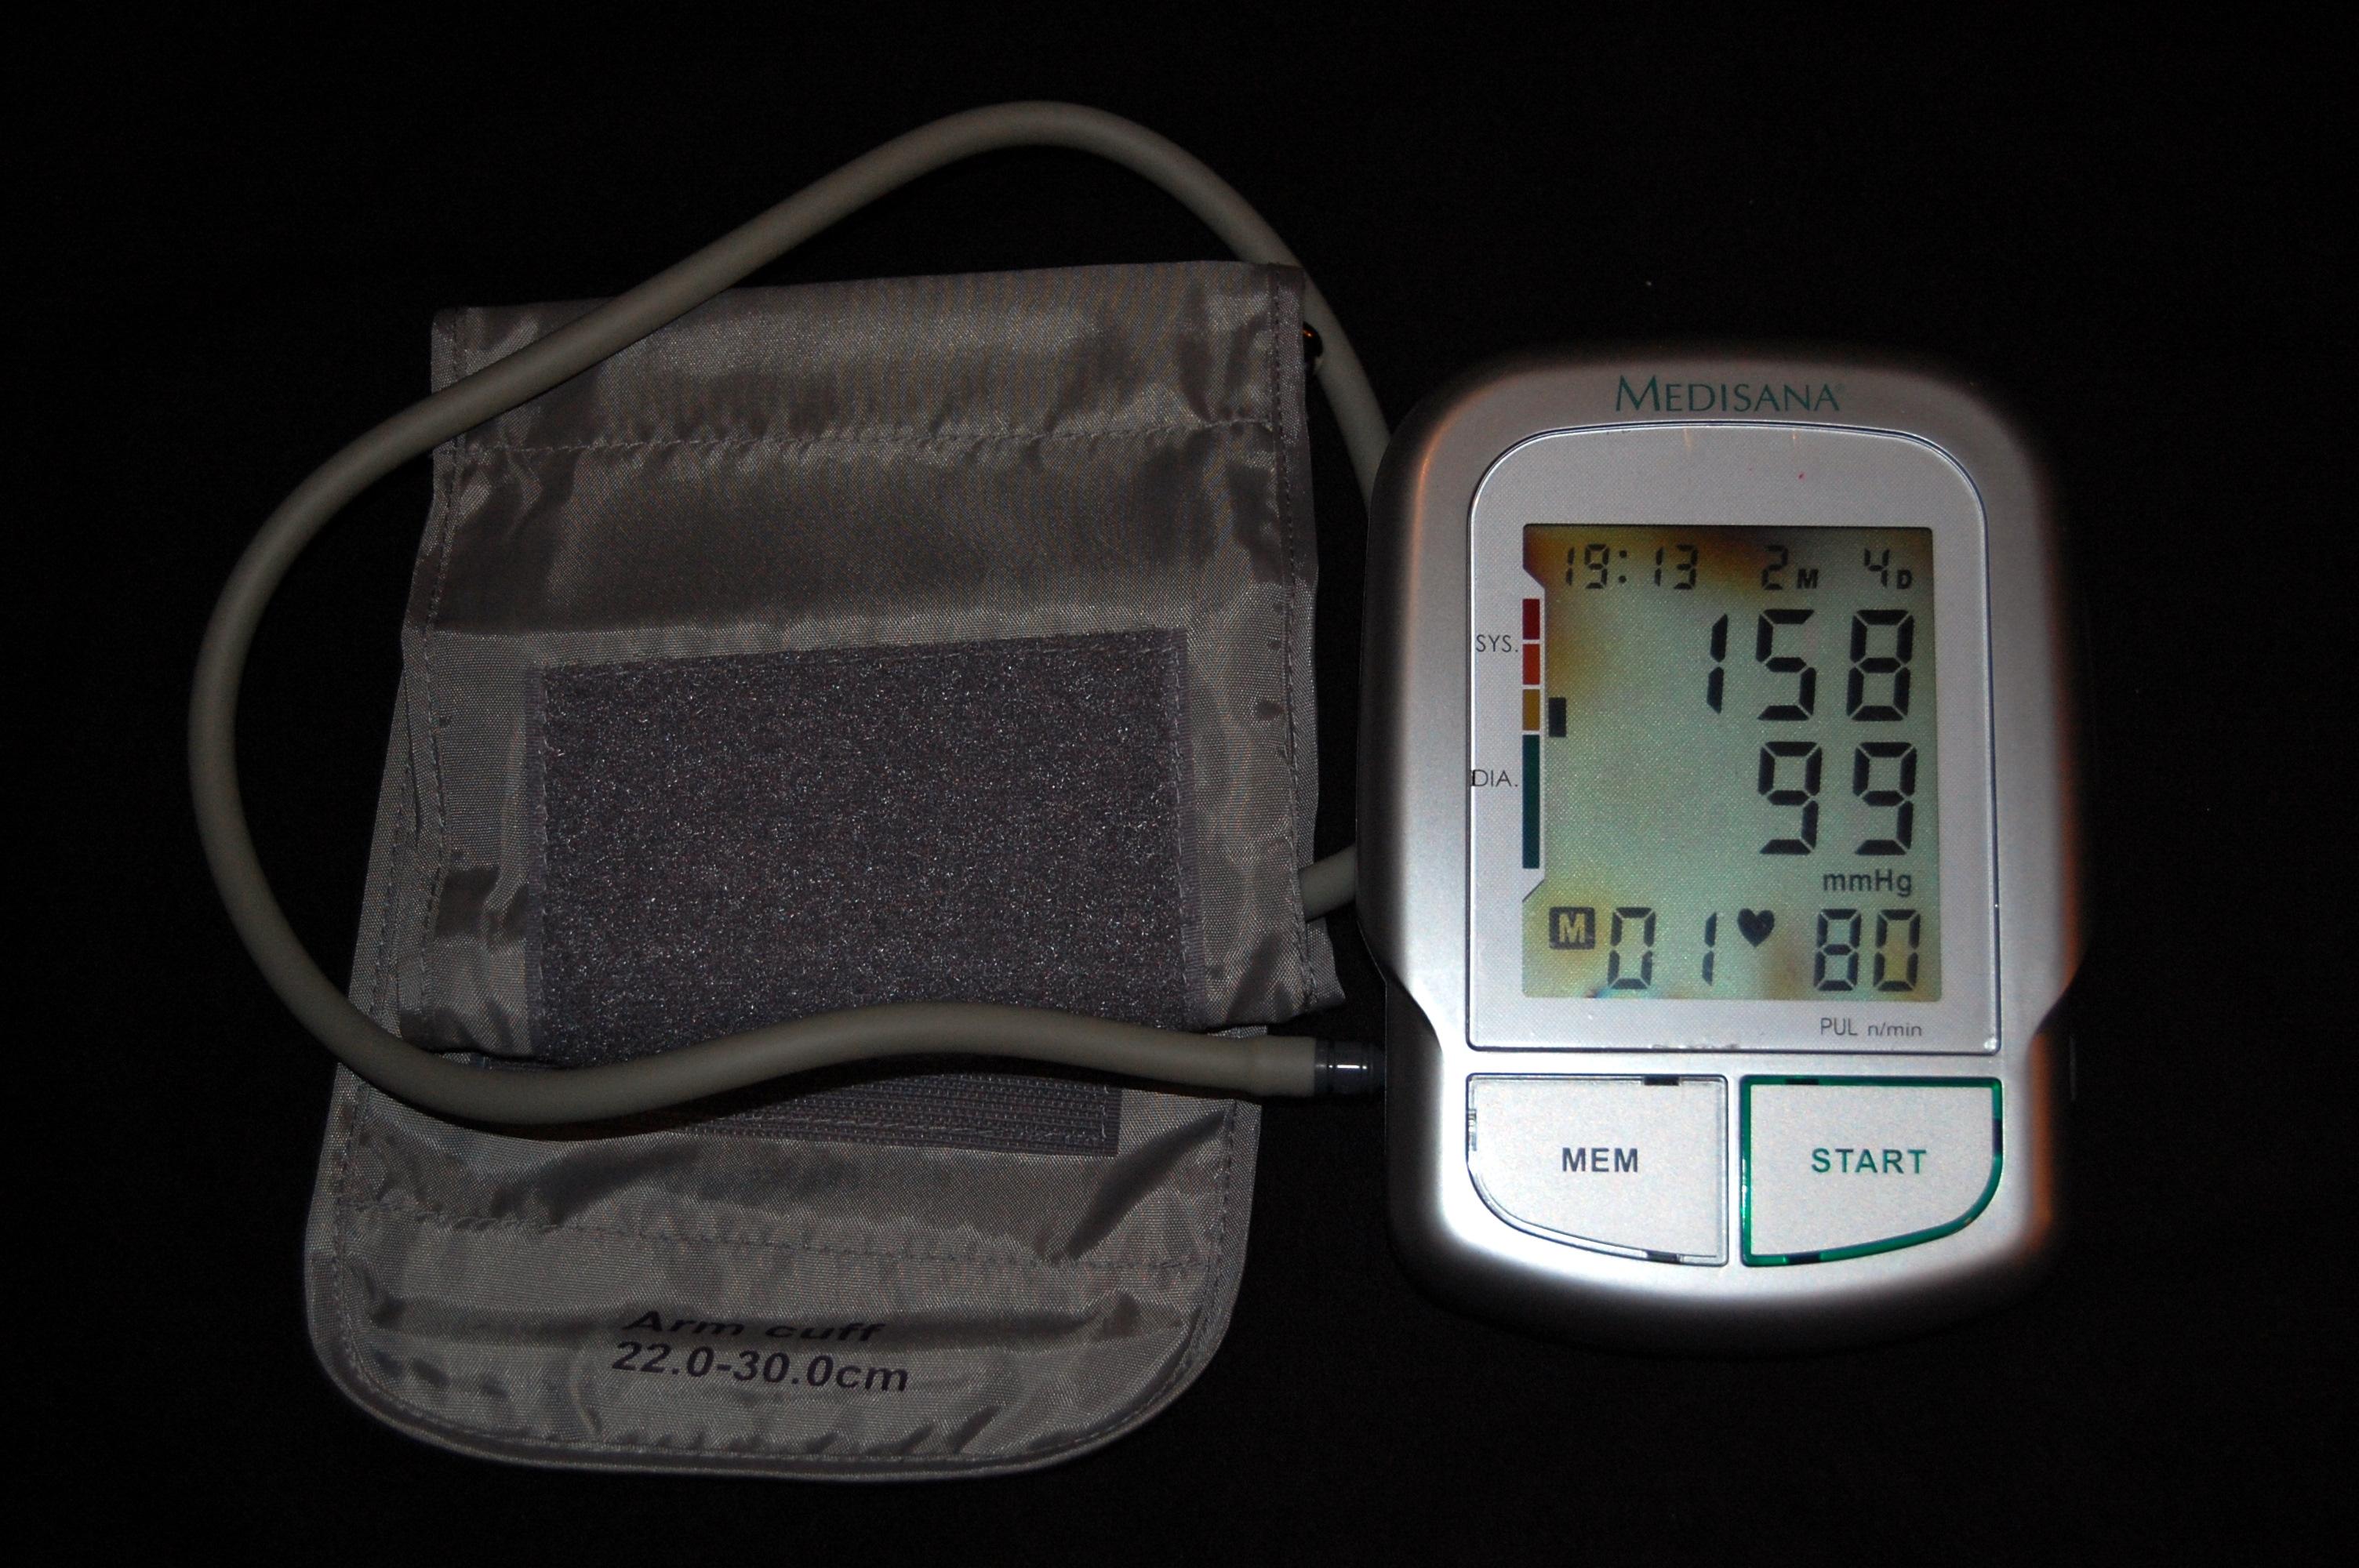 prvi hipertenzija tablete to da je prvi stupanj hipertenzije